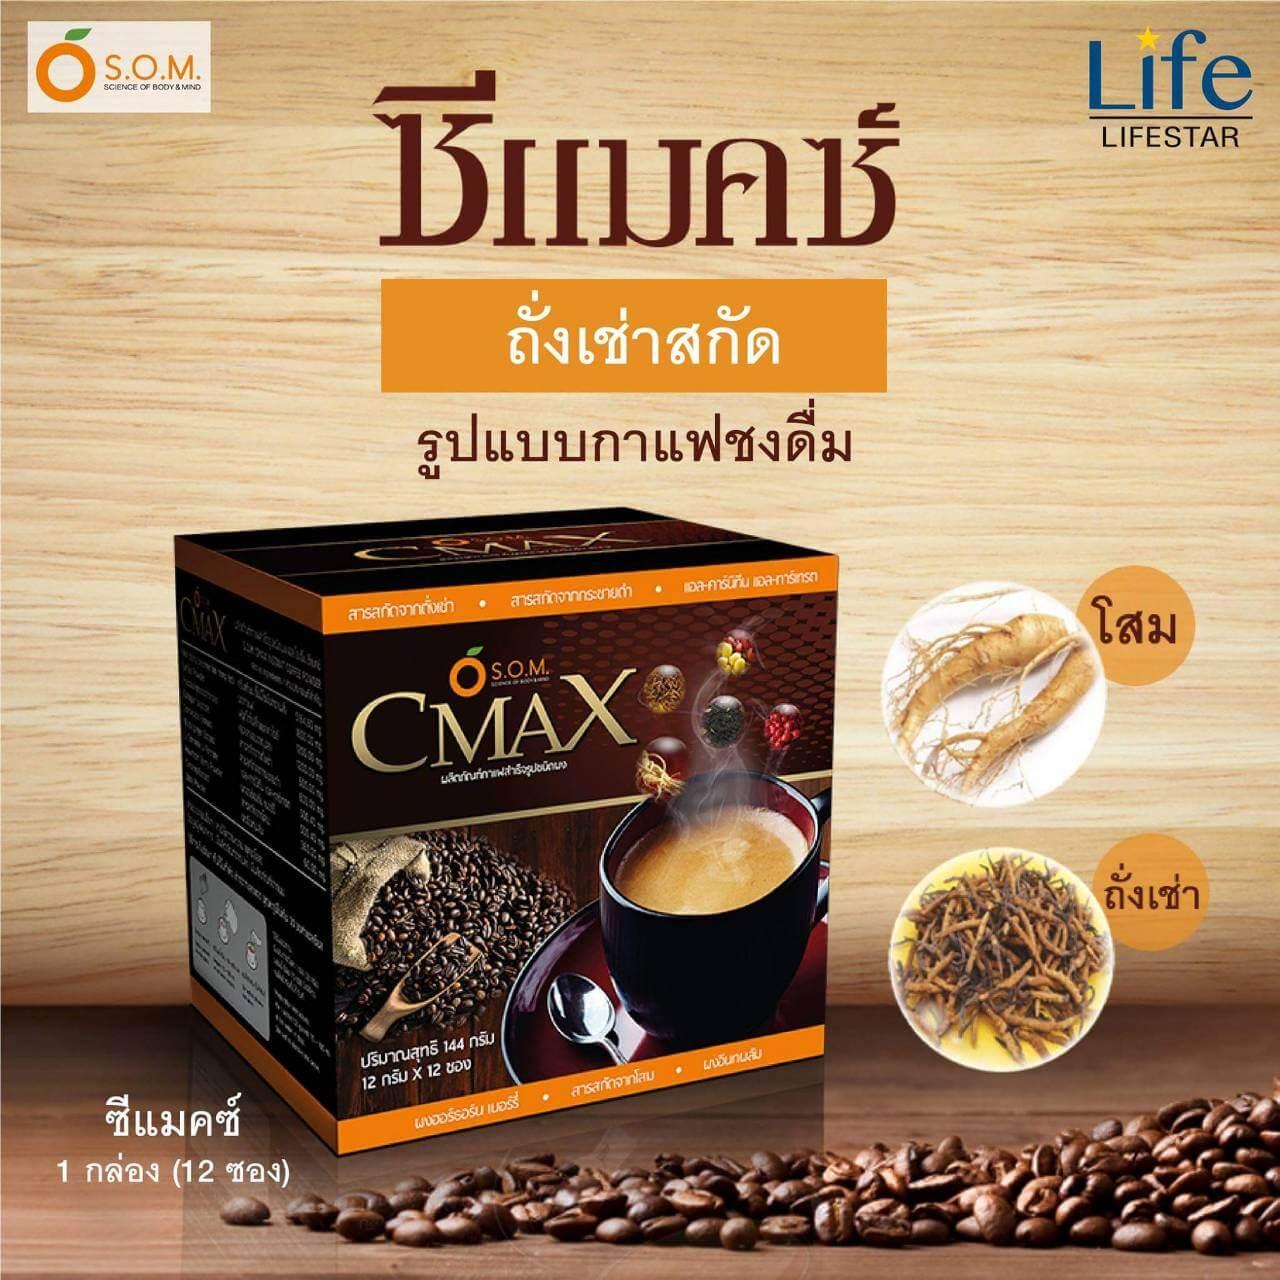 กาแฟซีแมคซ์, Cmax coffee, กาแฟโสม